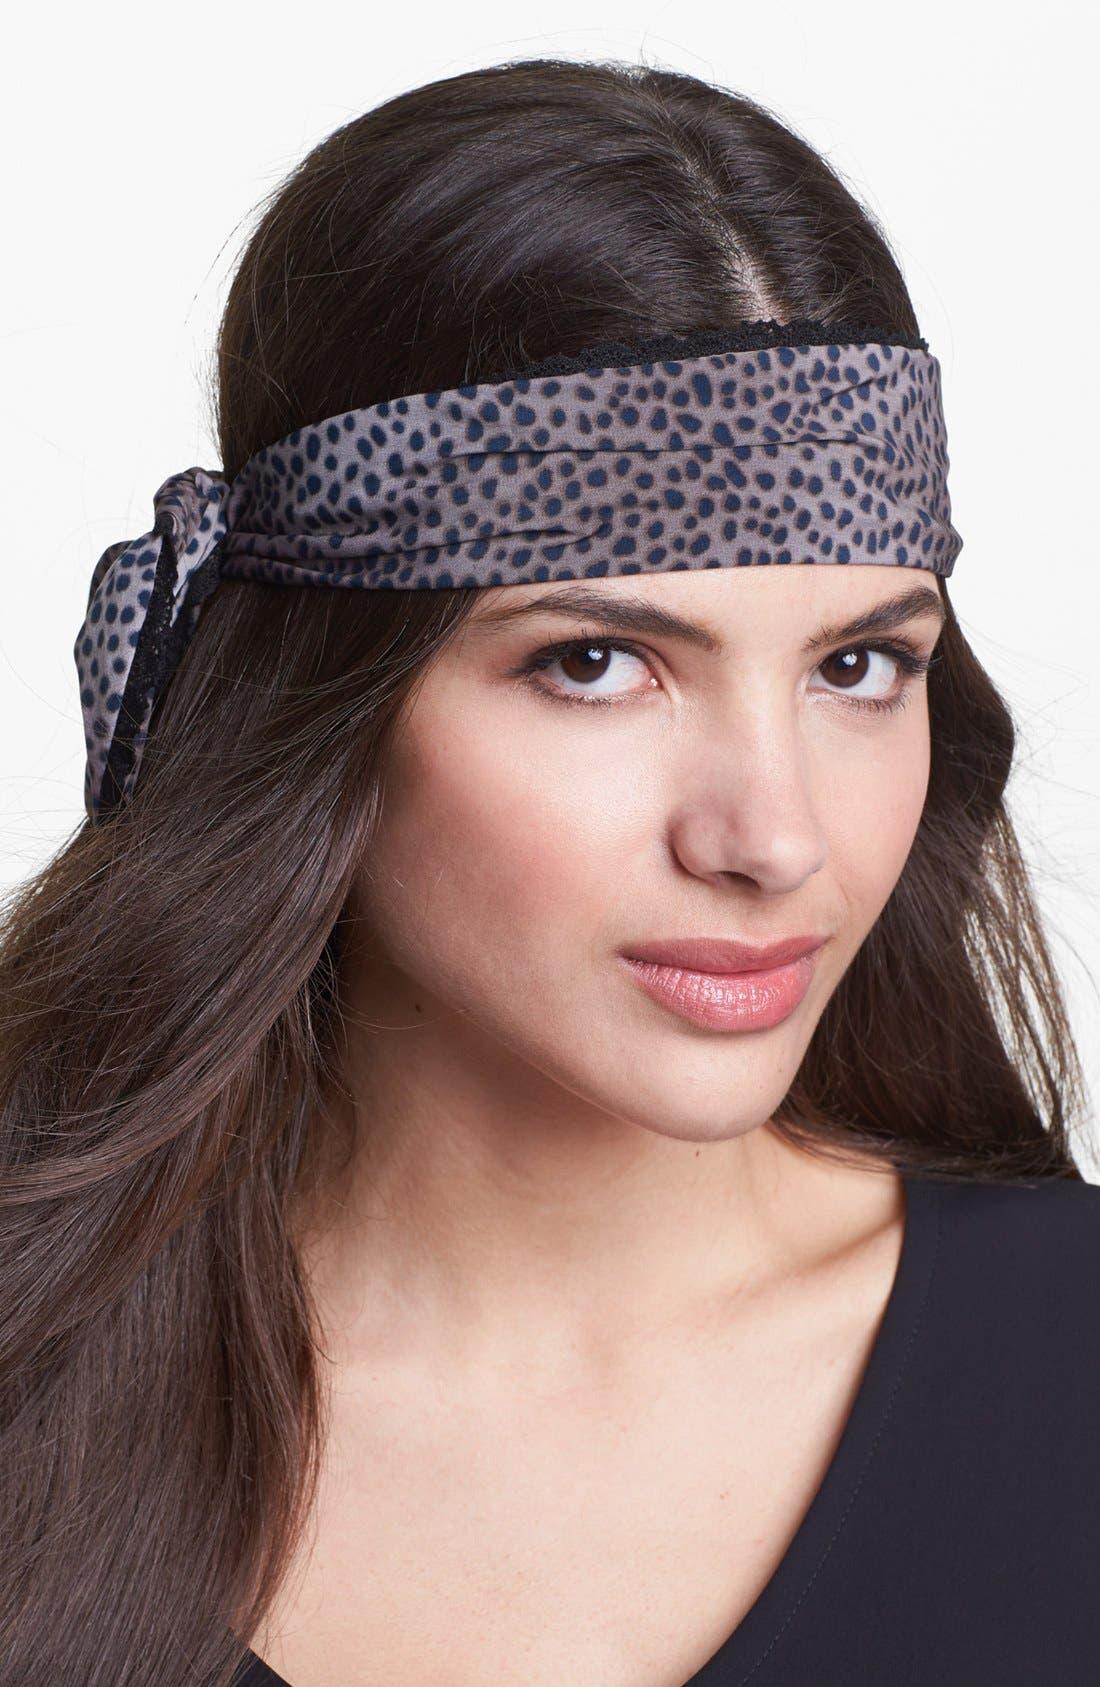 Main Image - Cara 'Spotty Dotty' Head Wrap